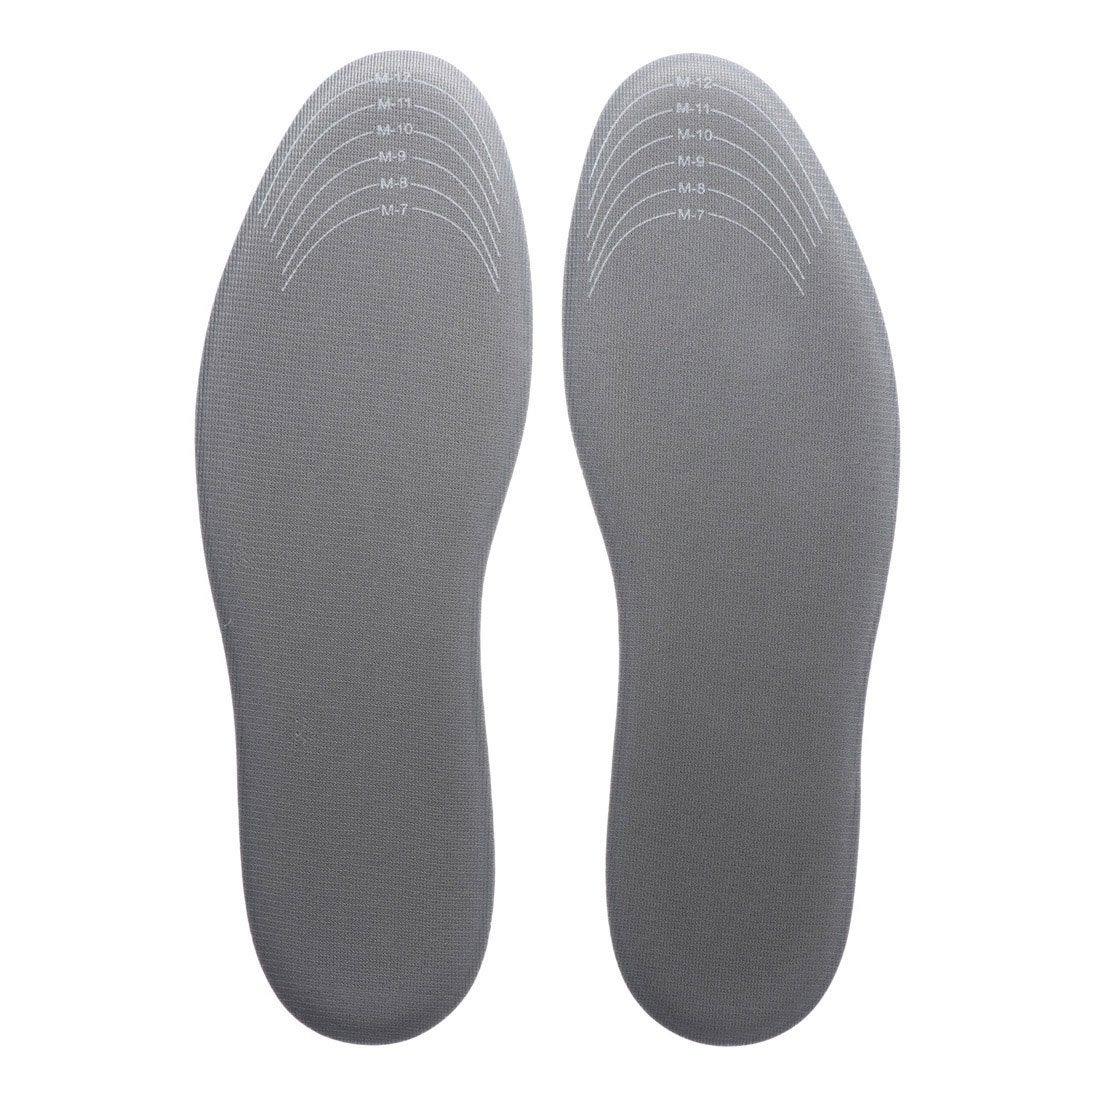 ロコンド 靴とファッションの通販サイトエアープラス airplus メンズ インソール メモリーコンフォート男性用 20455